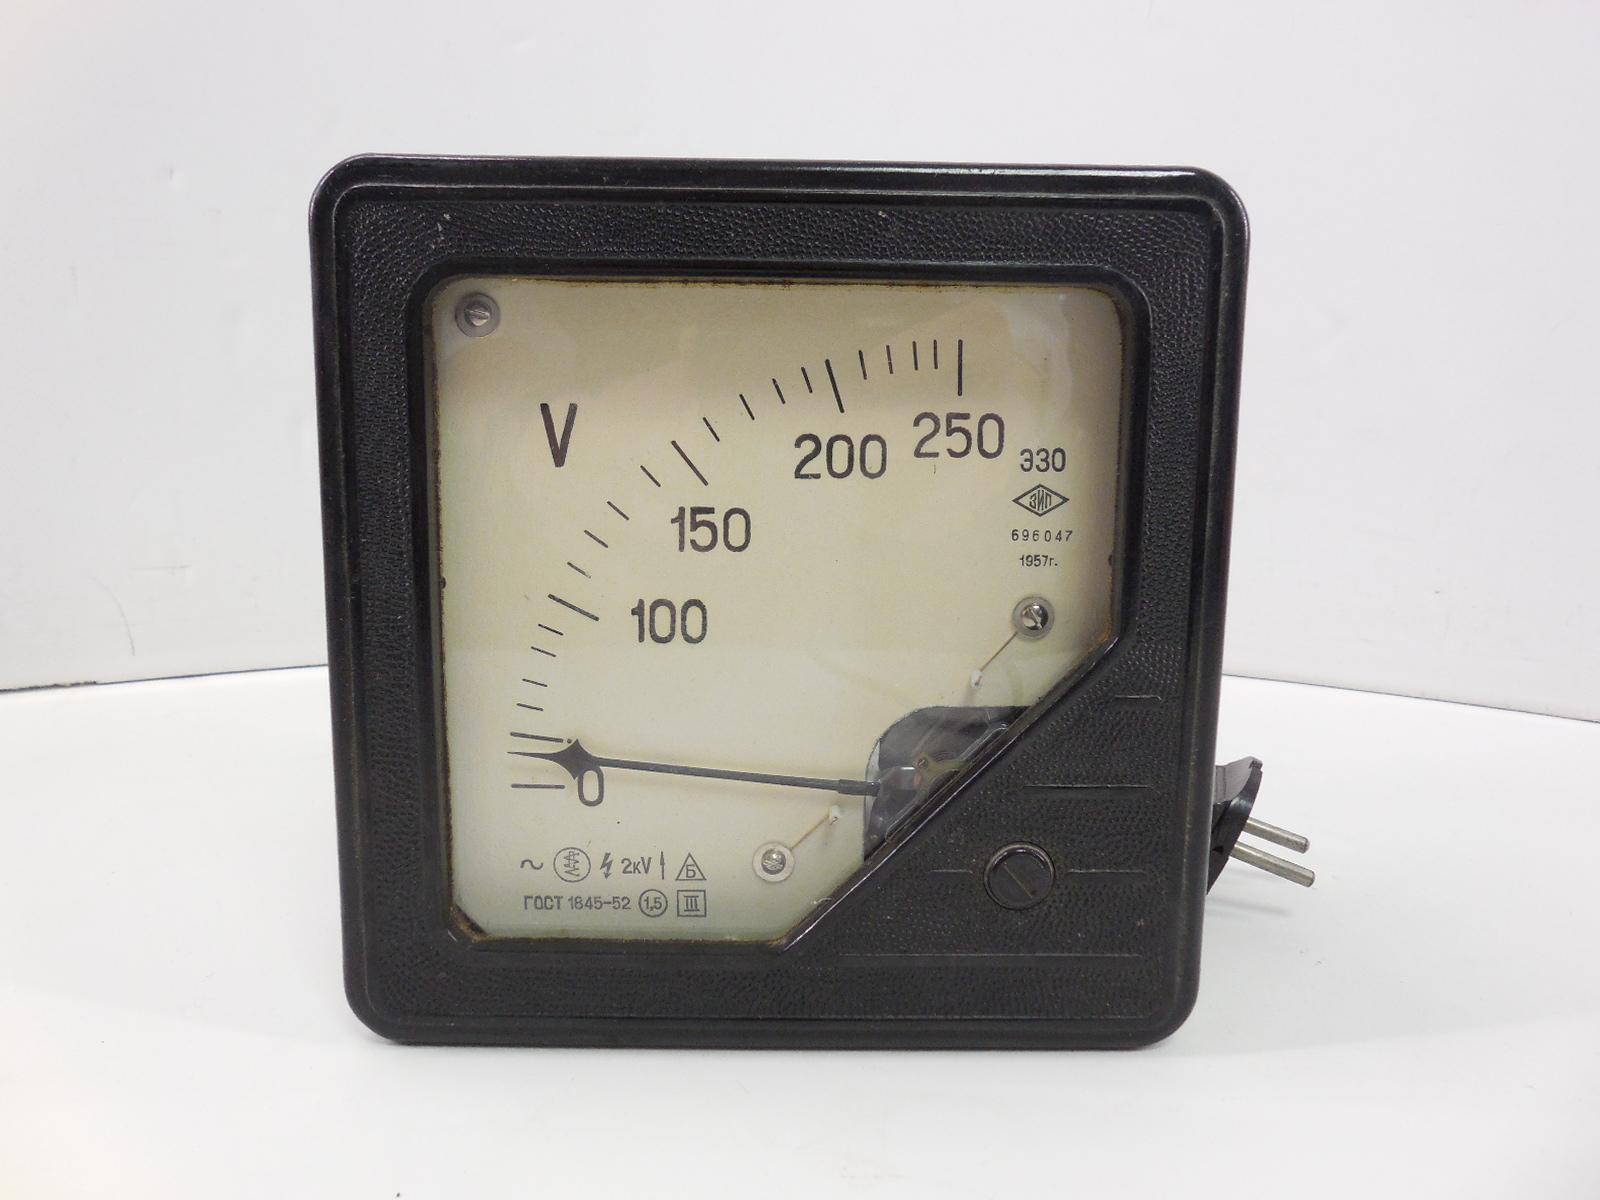 Как сделать из вольтметра амперметр и все в одном приборе